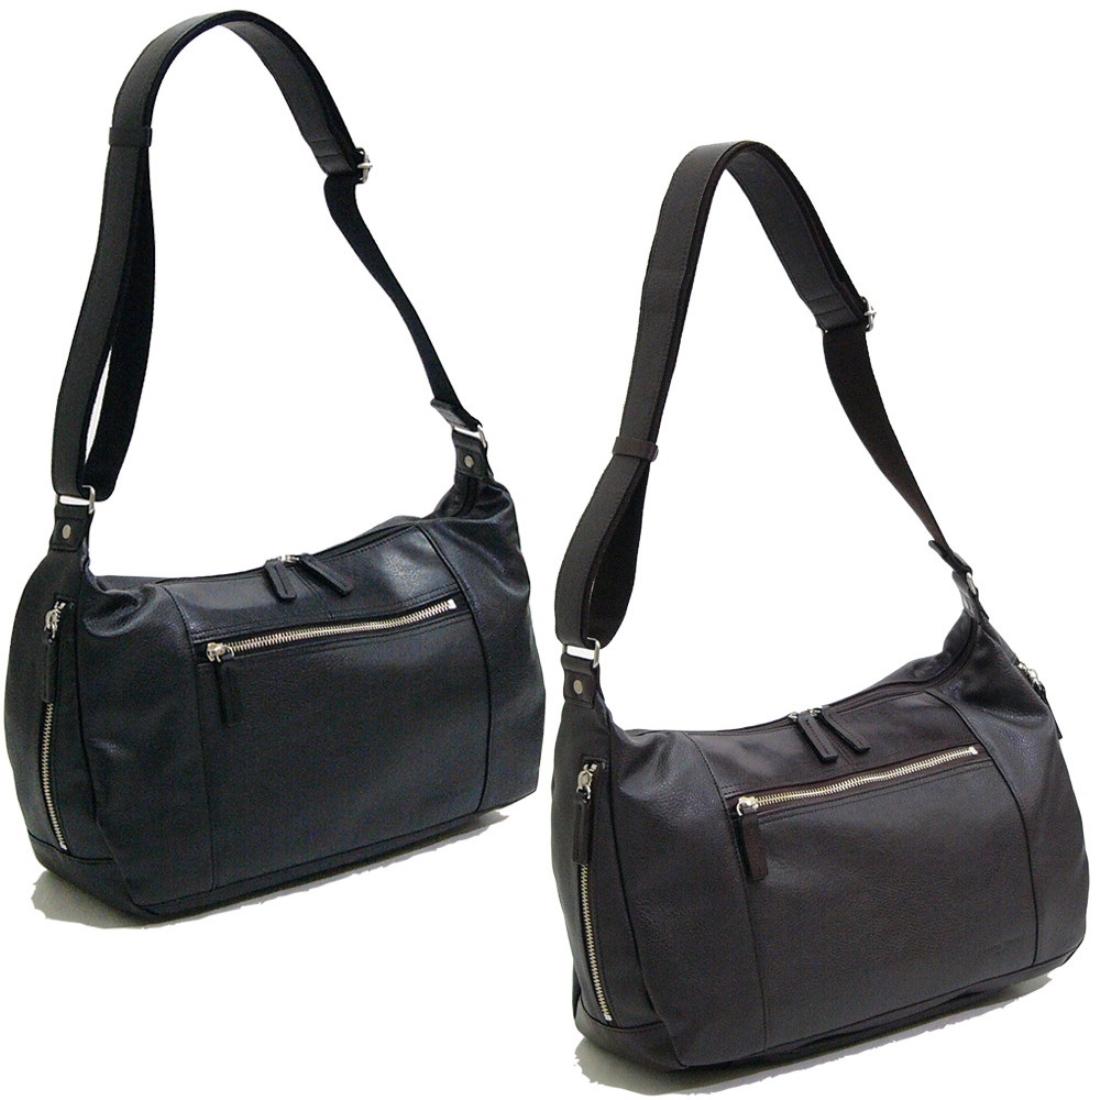 おしゃれ カバン V.S.ショルダーバッグ チョコ 日本製日本 ショルダー バッグ 鞄 合成皮革